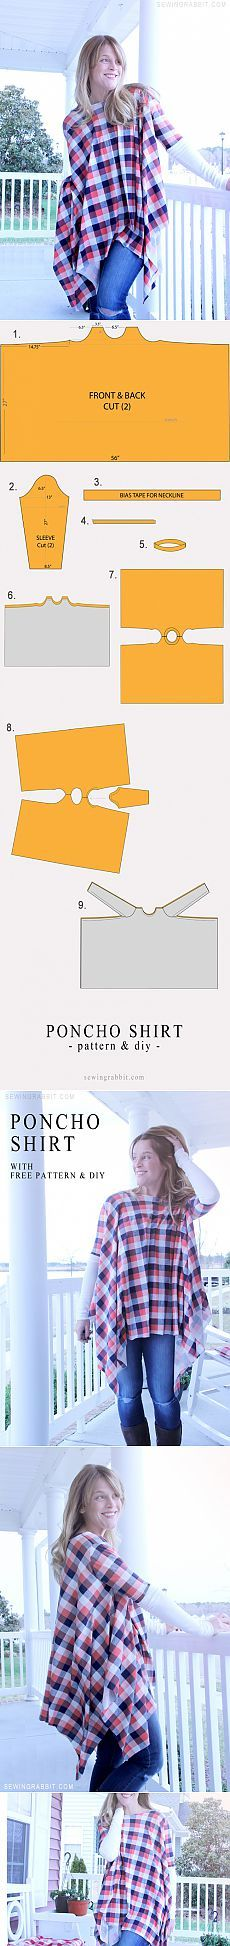 Patrón del poncho de tela de la camisa (Bricolaje) / patrones simples / SECOND STREET